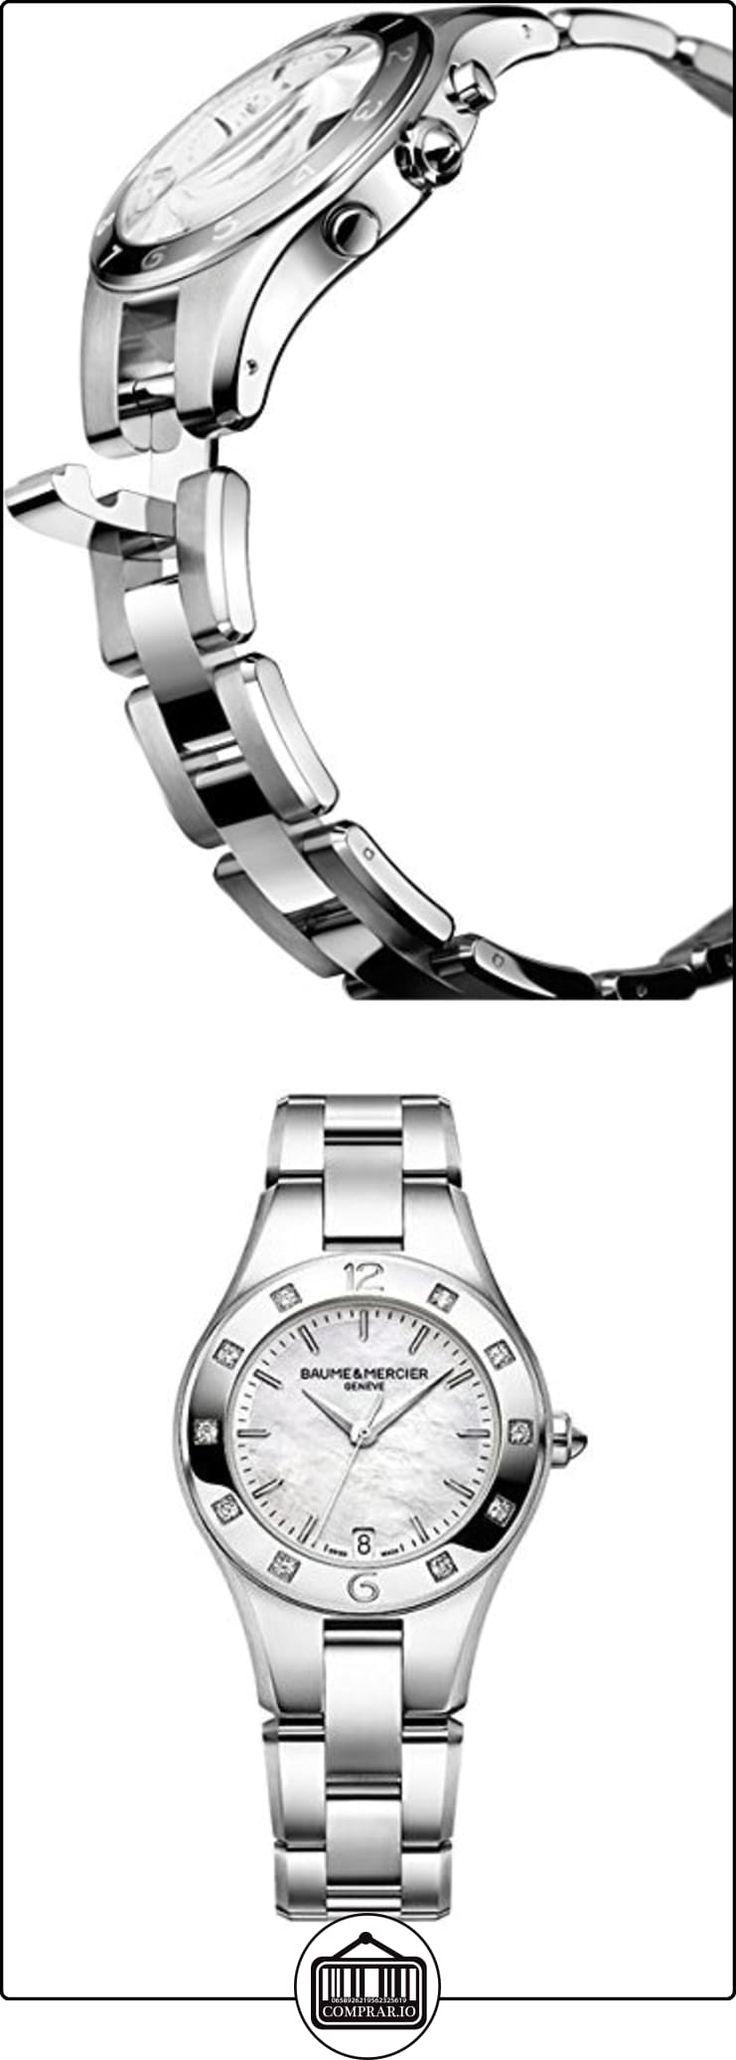 Baume & Mercier MA010035 - Reloj de pulsera Mujer, Acero inoxidable, color Plata  ✿ Relojes para mujer - (Lujo) ✿